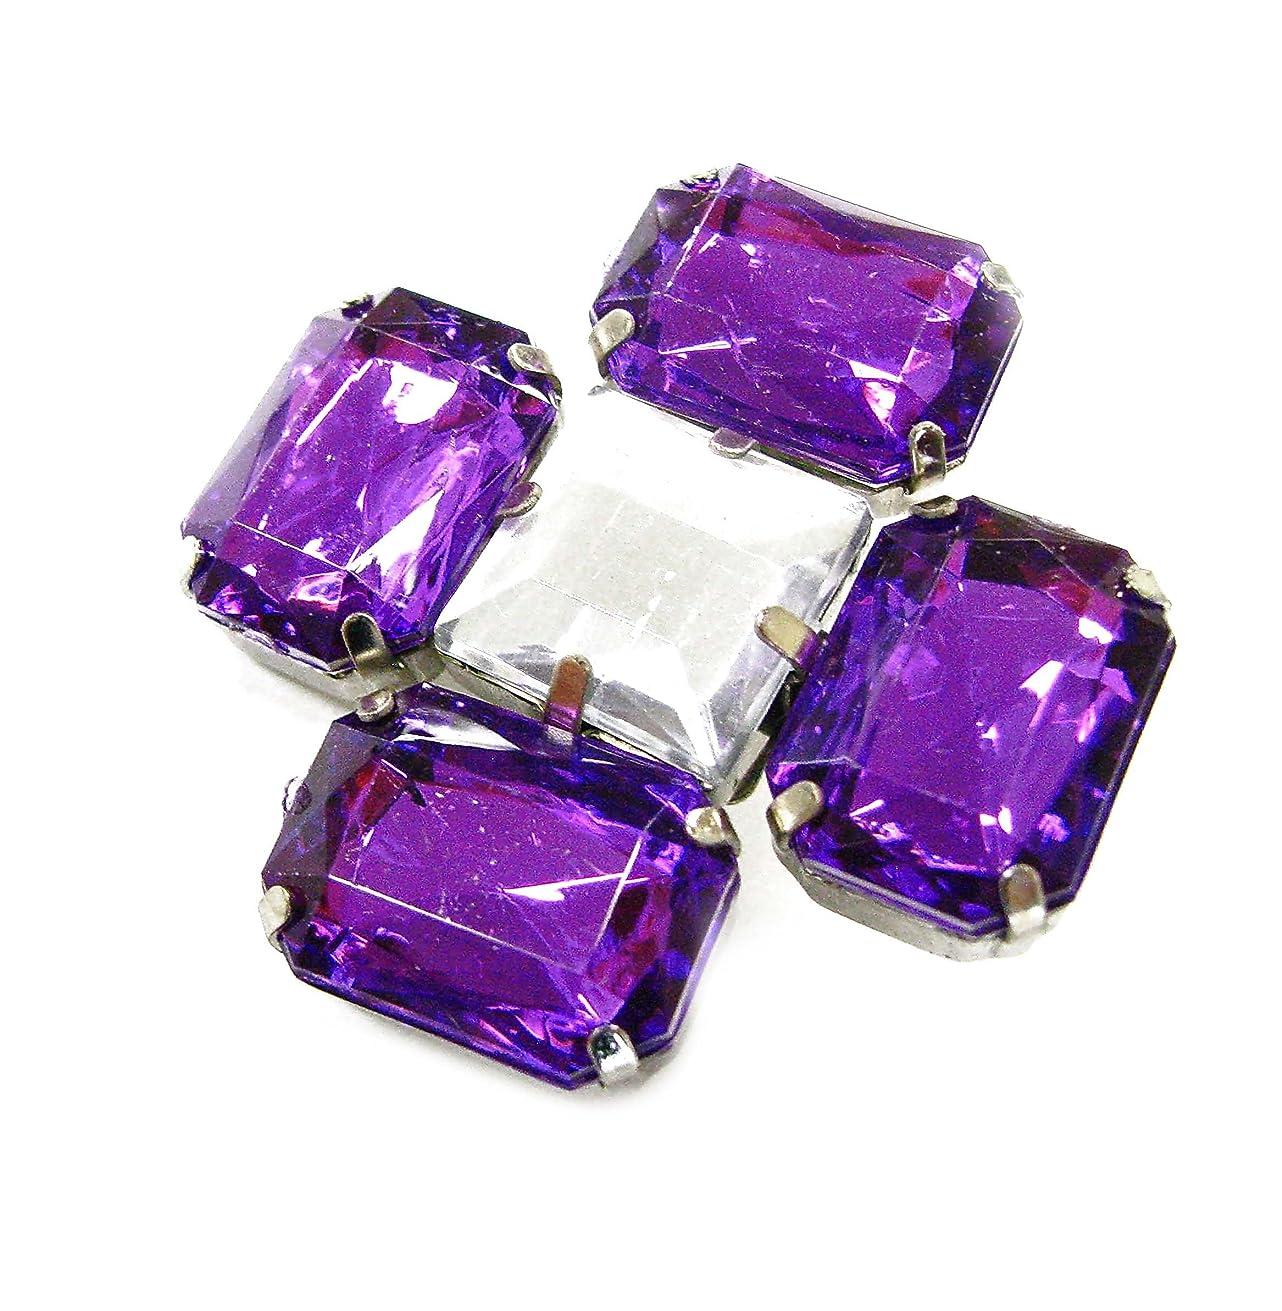 Linpeng Multi-Purpose Flower Shape Acrylic Jewel Stone Pin Brooch-FSBR-12-Purple, Purple